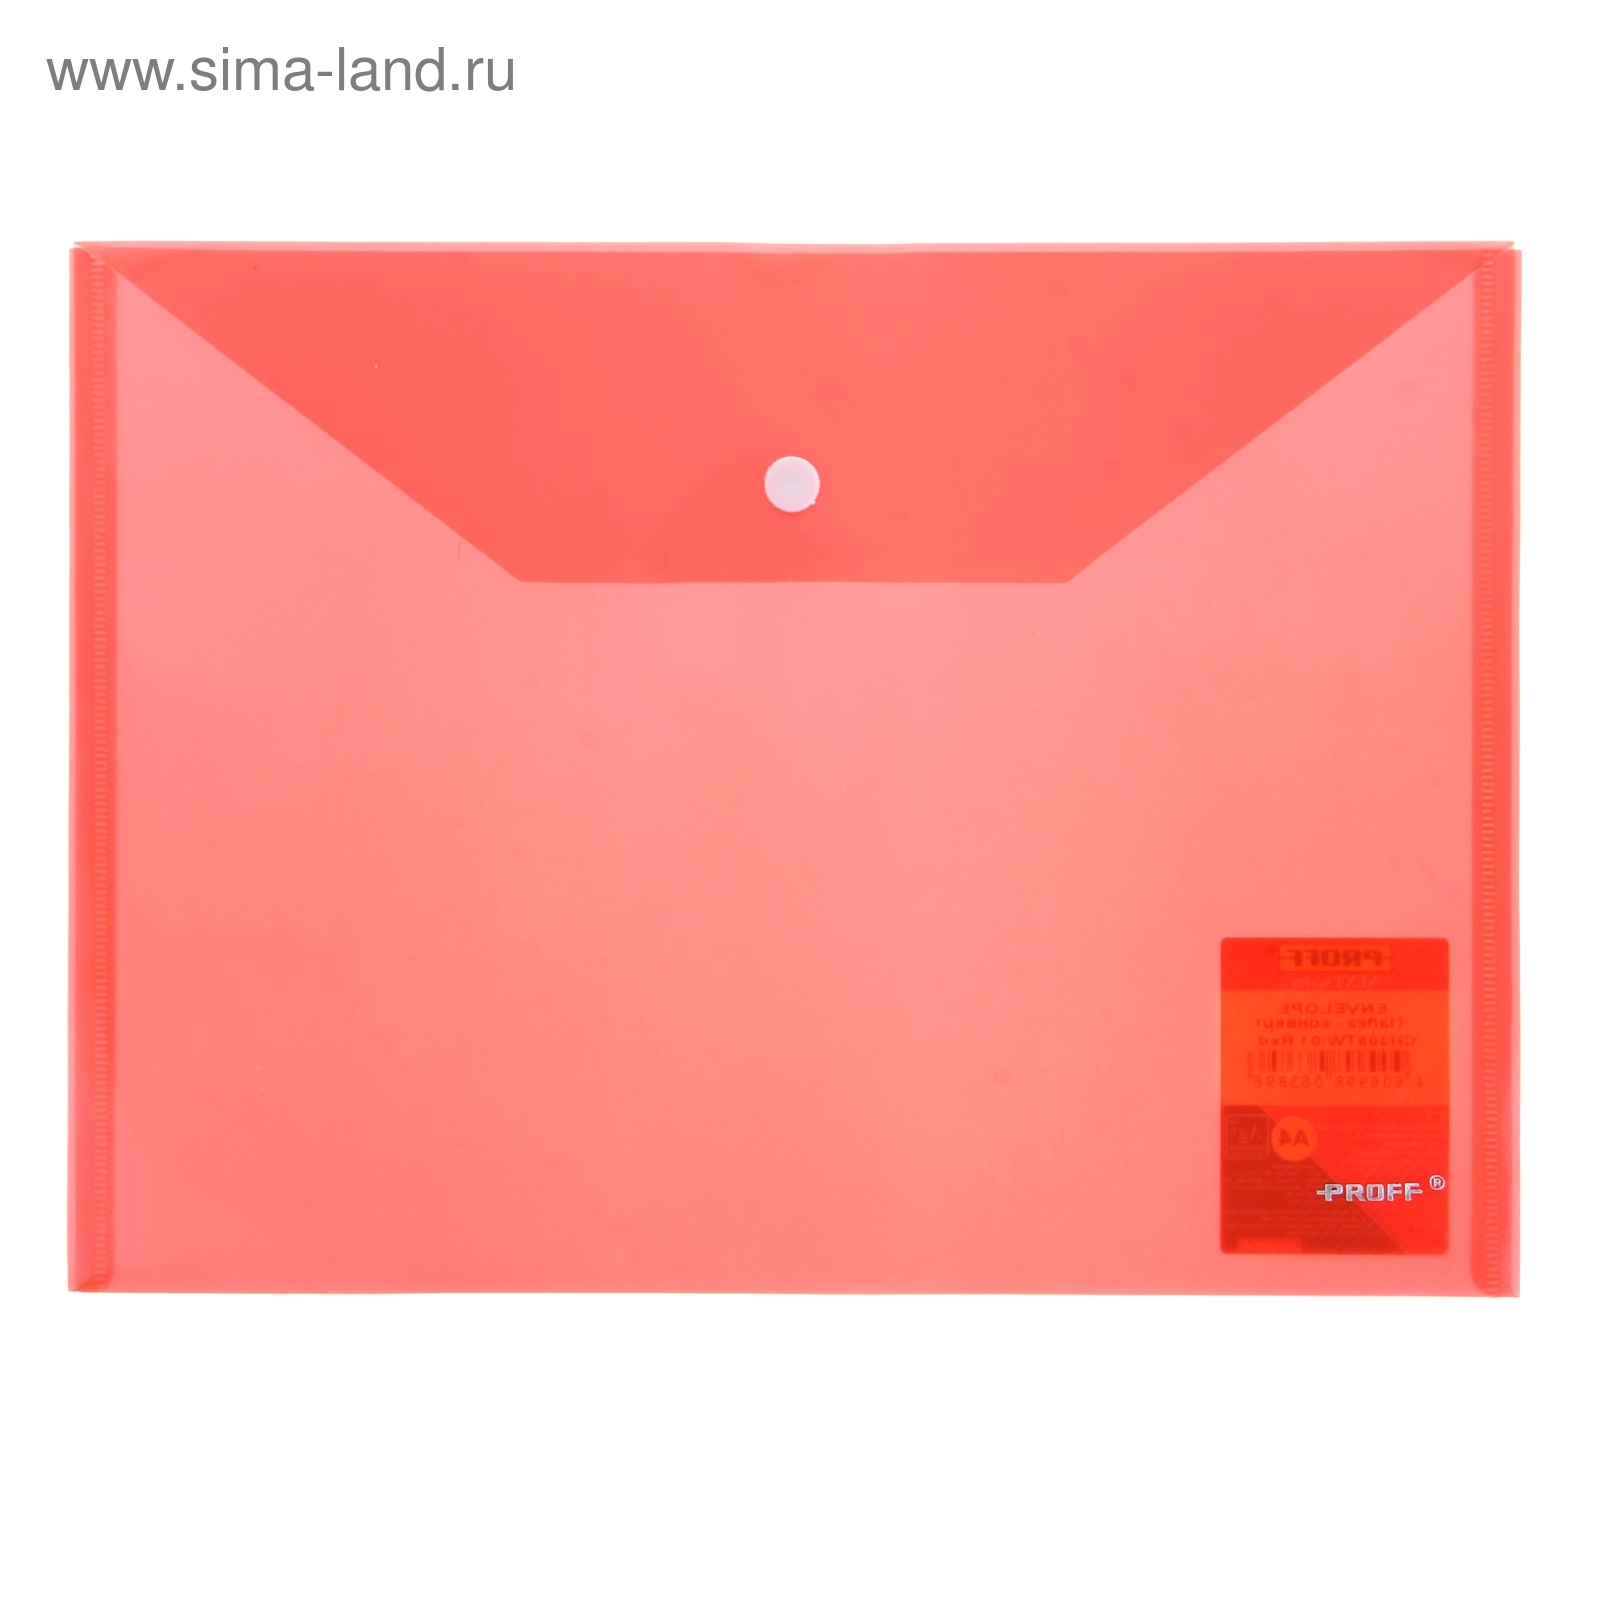 Папка-конверт Proff на кнопке красная полупрозр. реб. 0.20мм